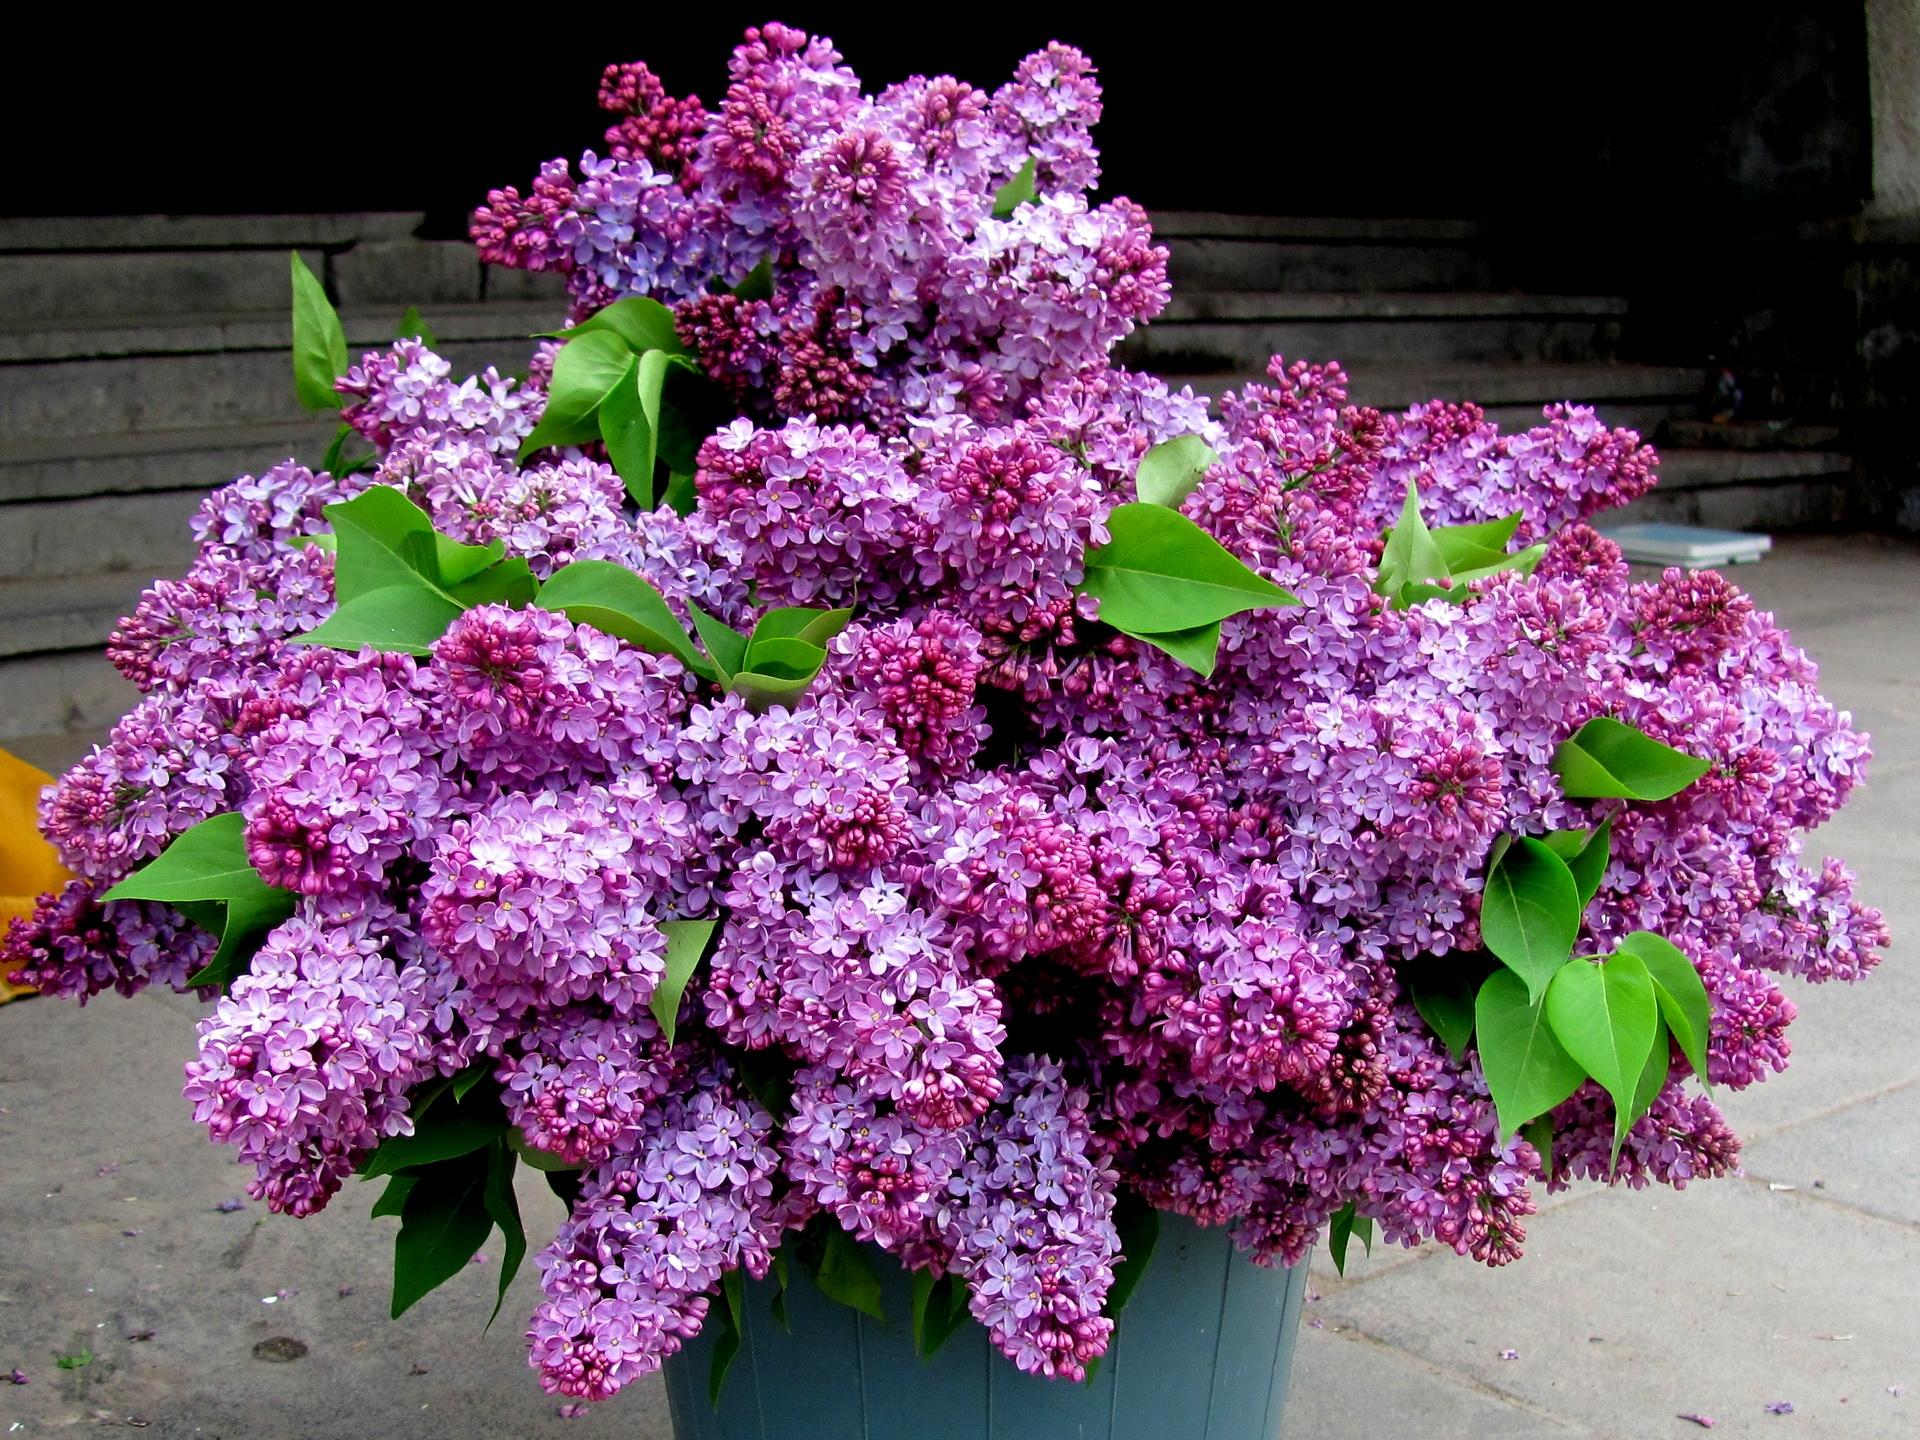 77628 скачать обои Весна, Сирень, Букет, Цветы, Листья, Ведро - заставки и картинки бесплатно